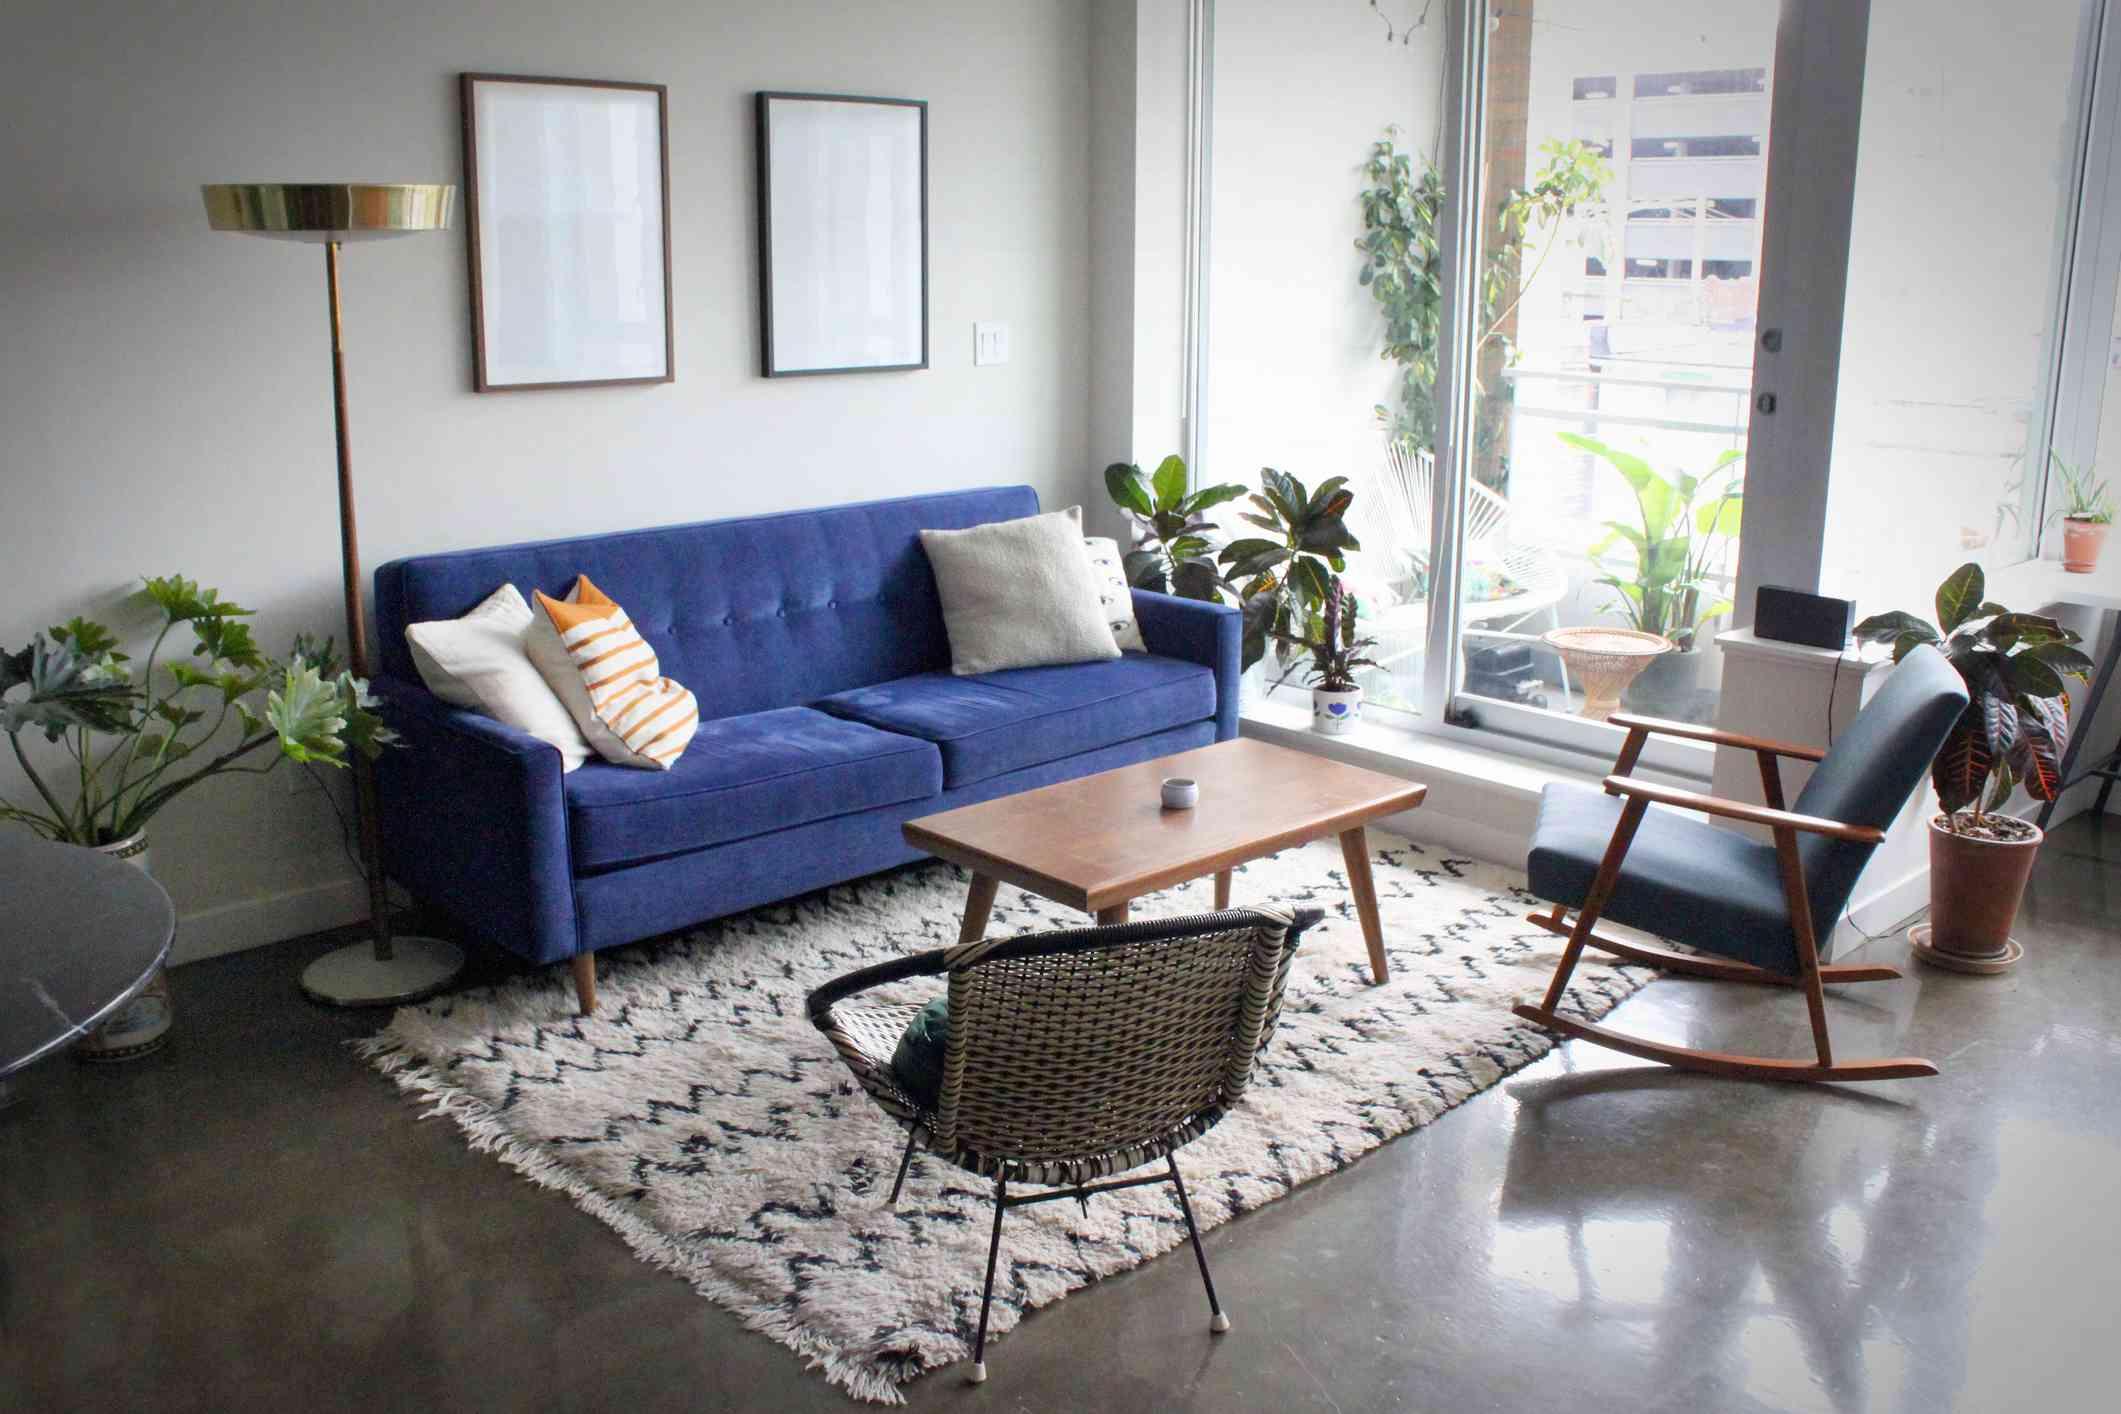 Apartamento contemporáneo con muebles de mediados de siglo .